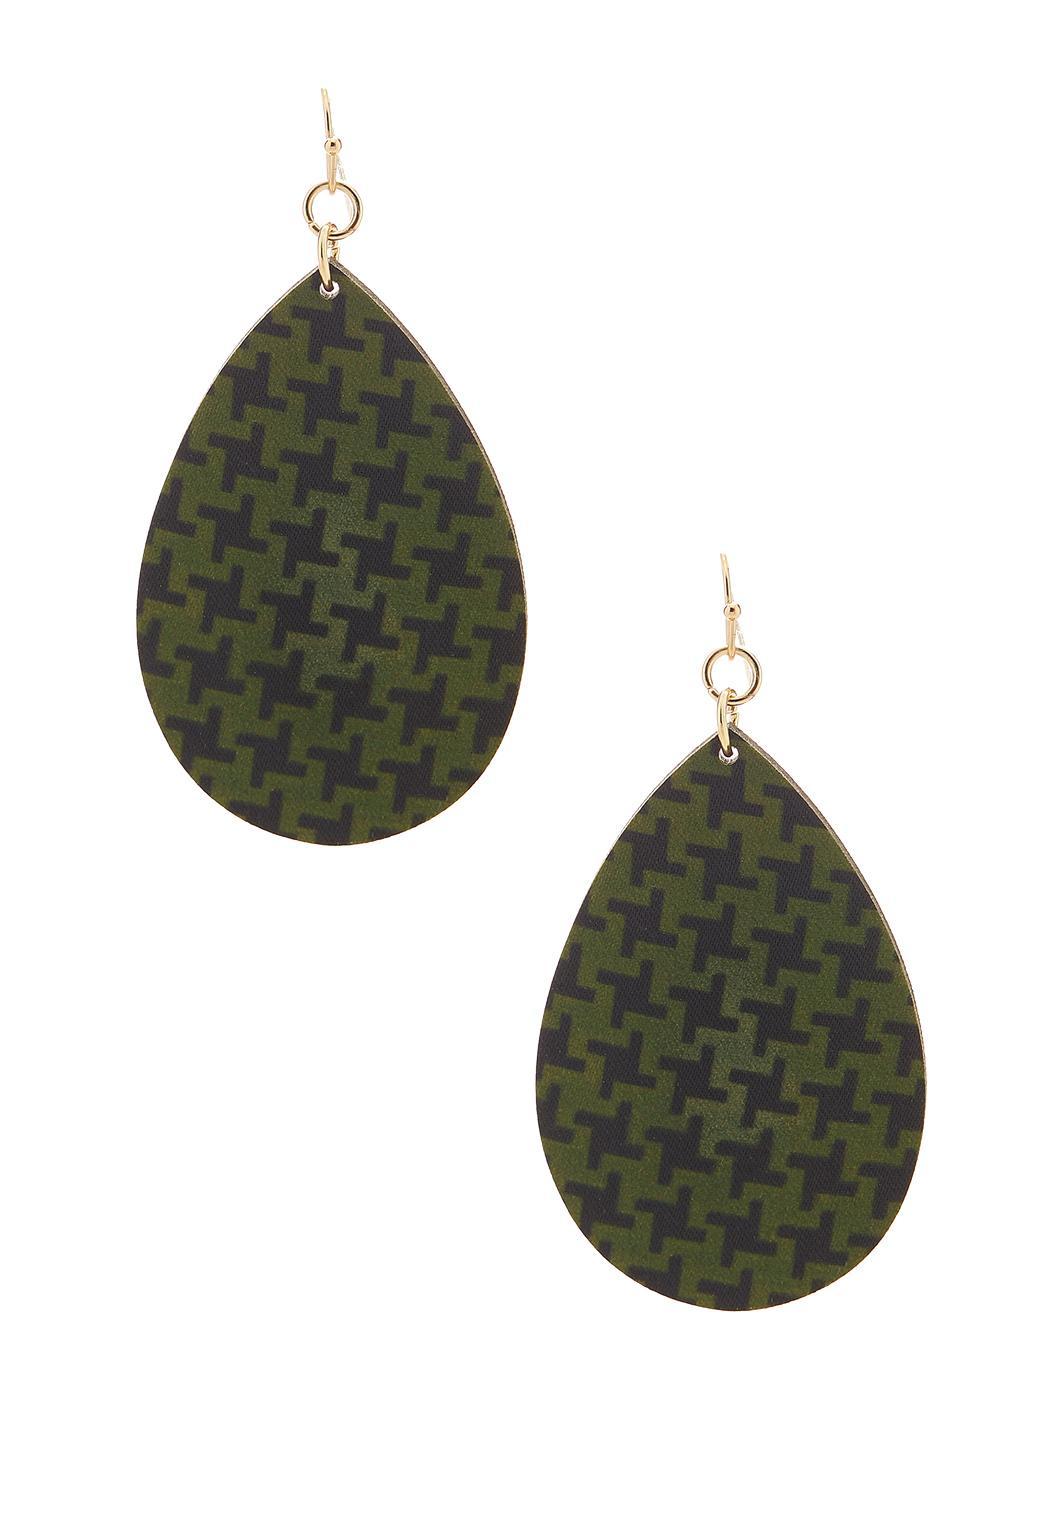 Printed Wood Earrings